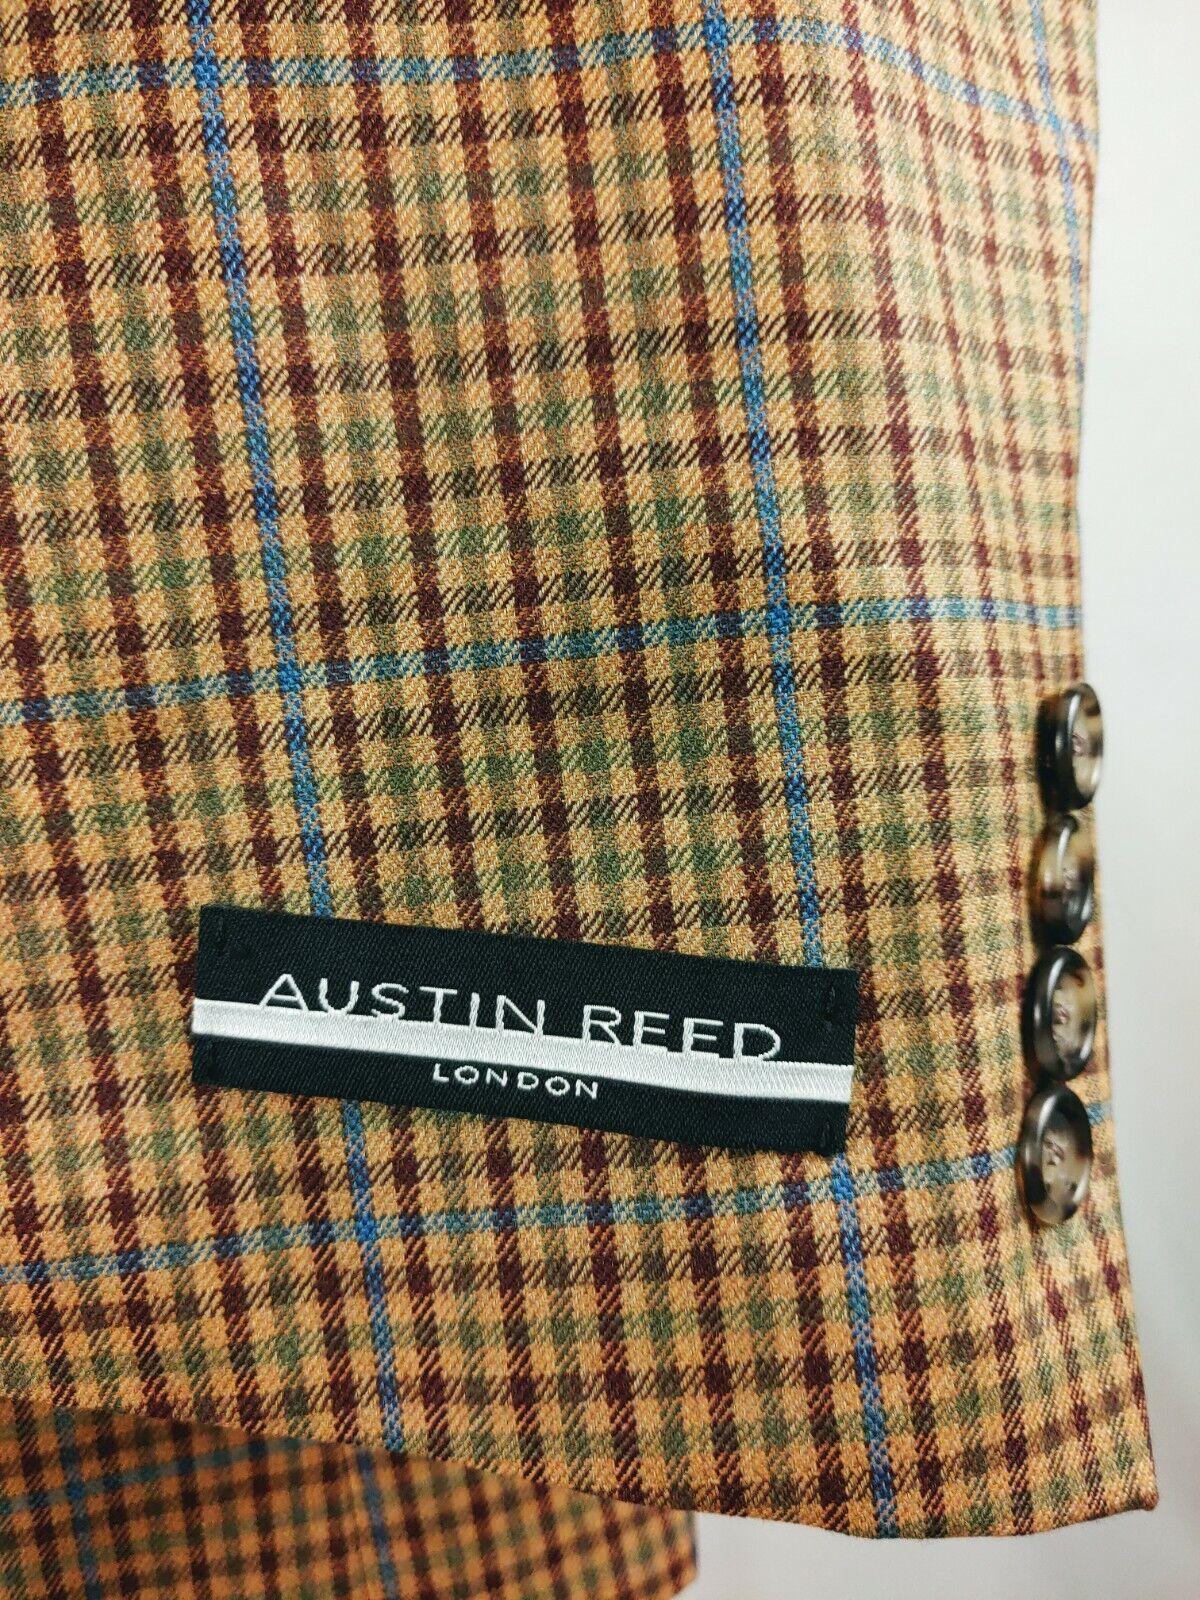 Kupit Austin Reed Mens Sport Coat Blazer Jacket Silk Na Aukcion Iz Ameriki S Dostavkoj V Rossiyu Ukrainu Kazahstan